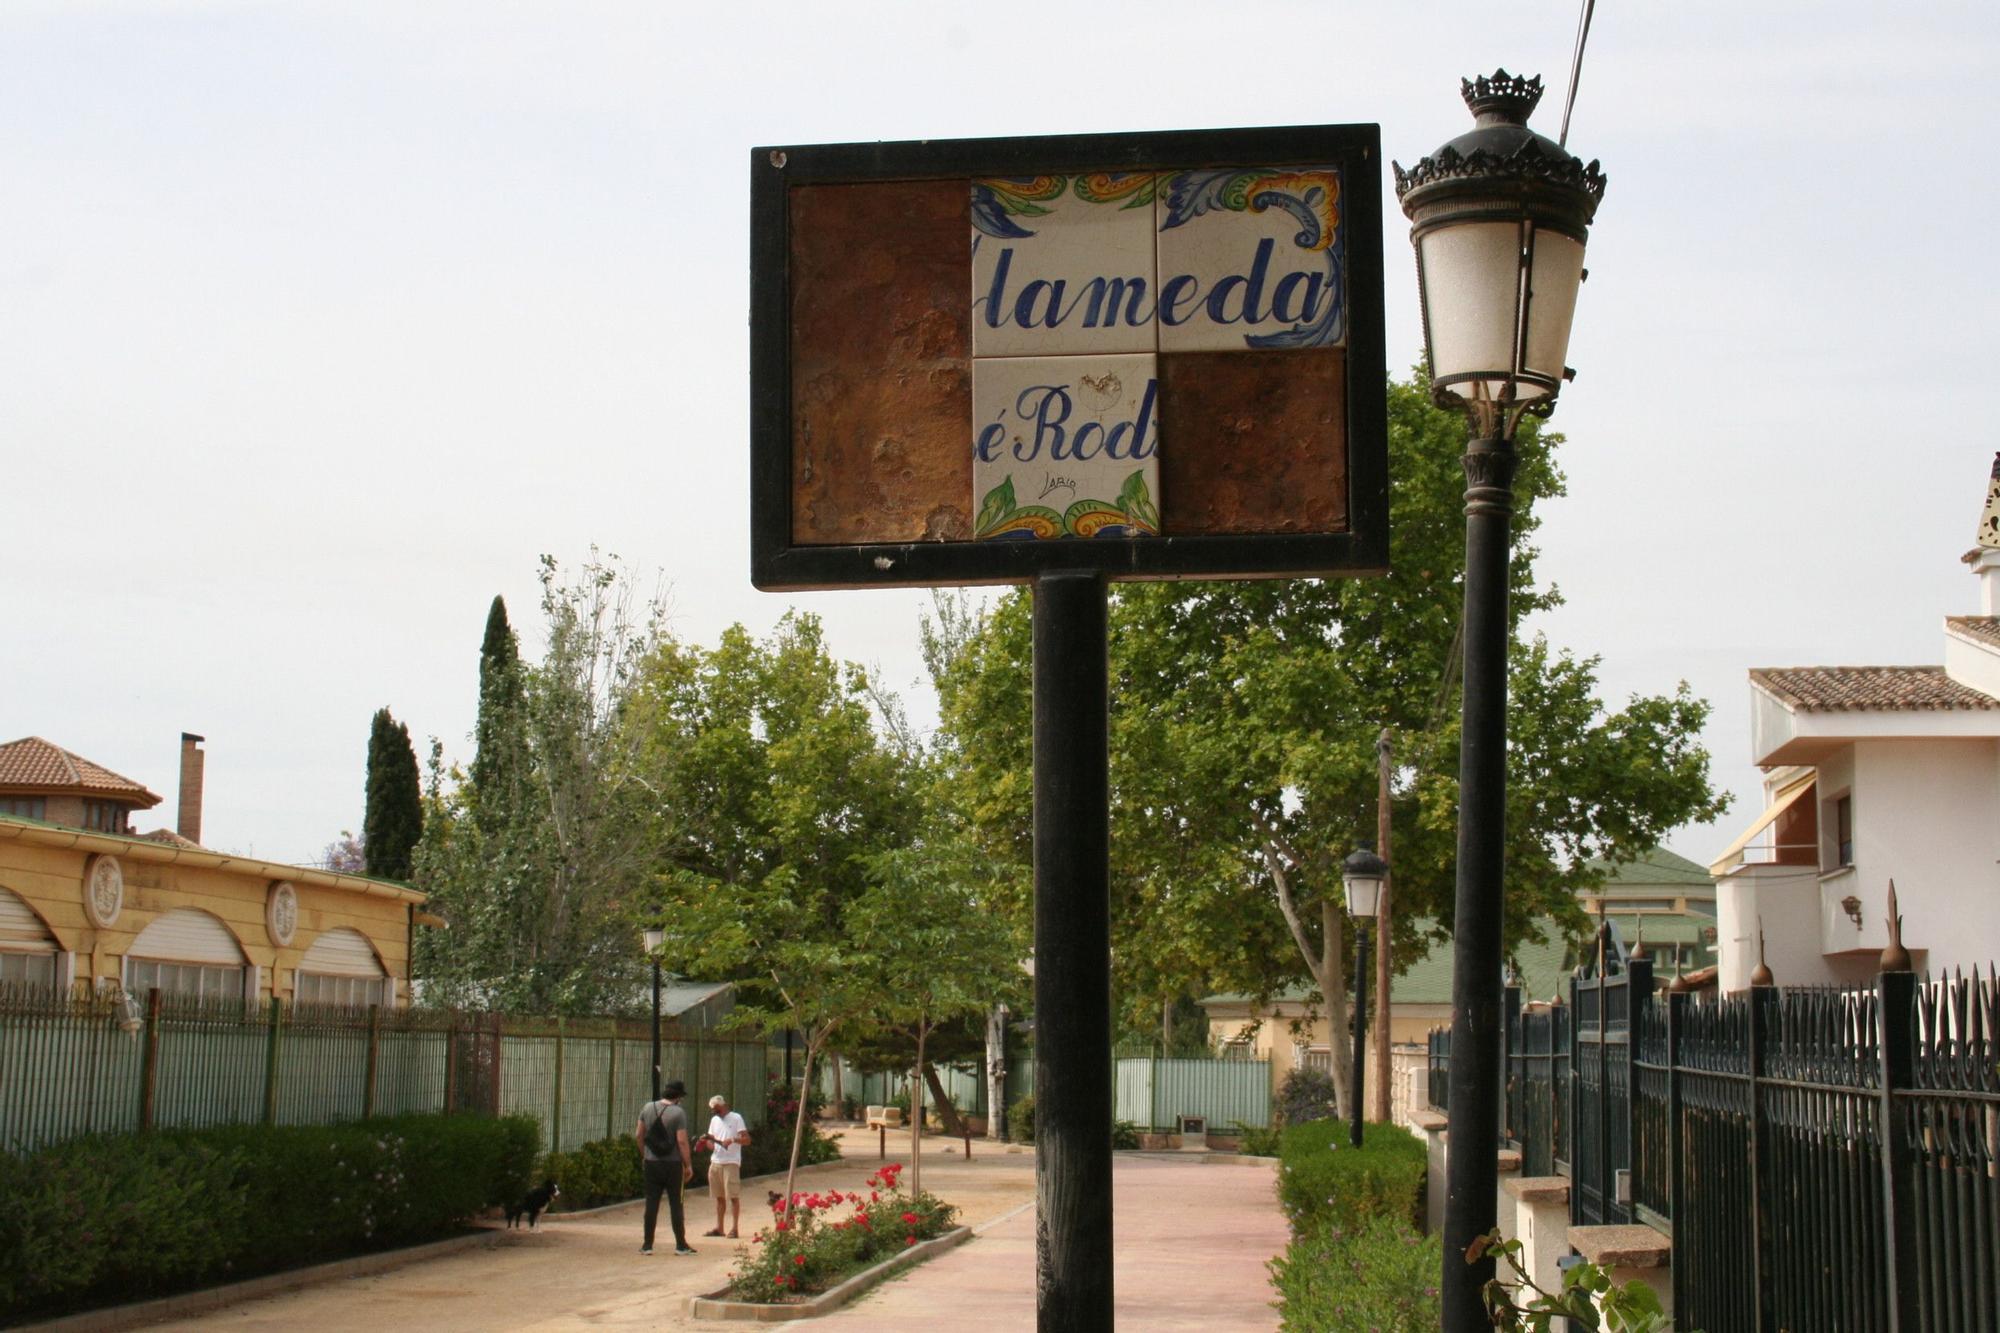 Actos vandálicos en la Alamedas, Lorca